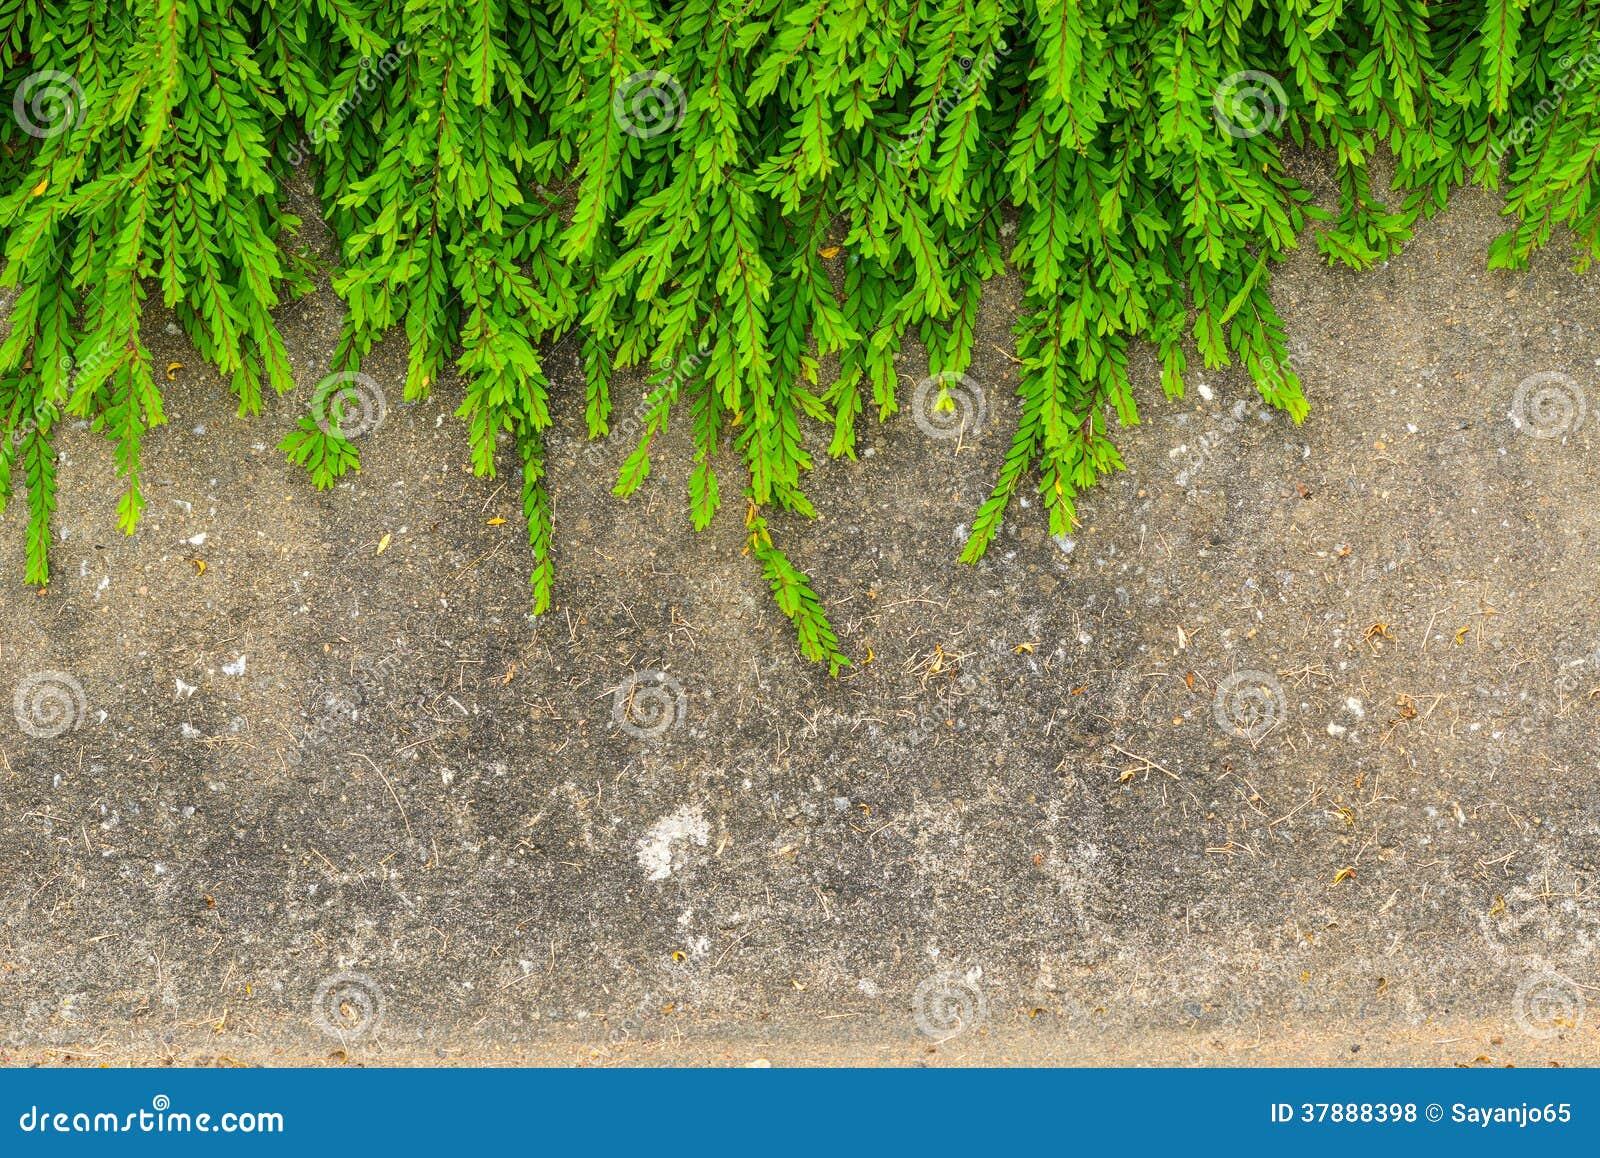 Fresh green leaf plant on grunge wall background.